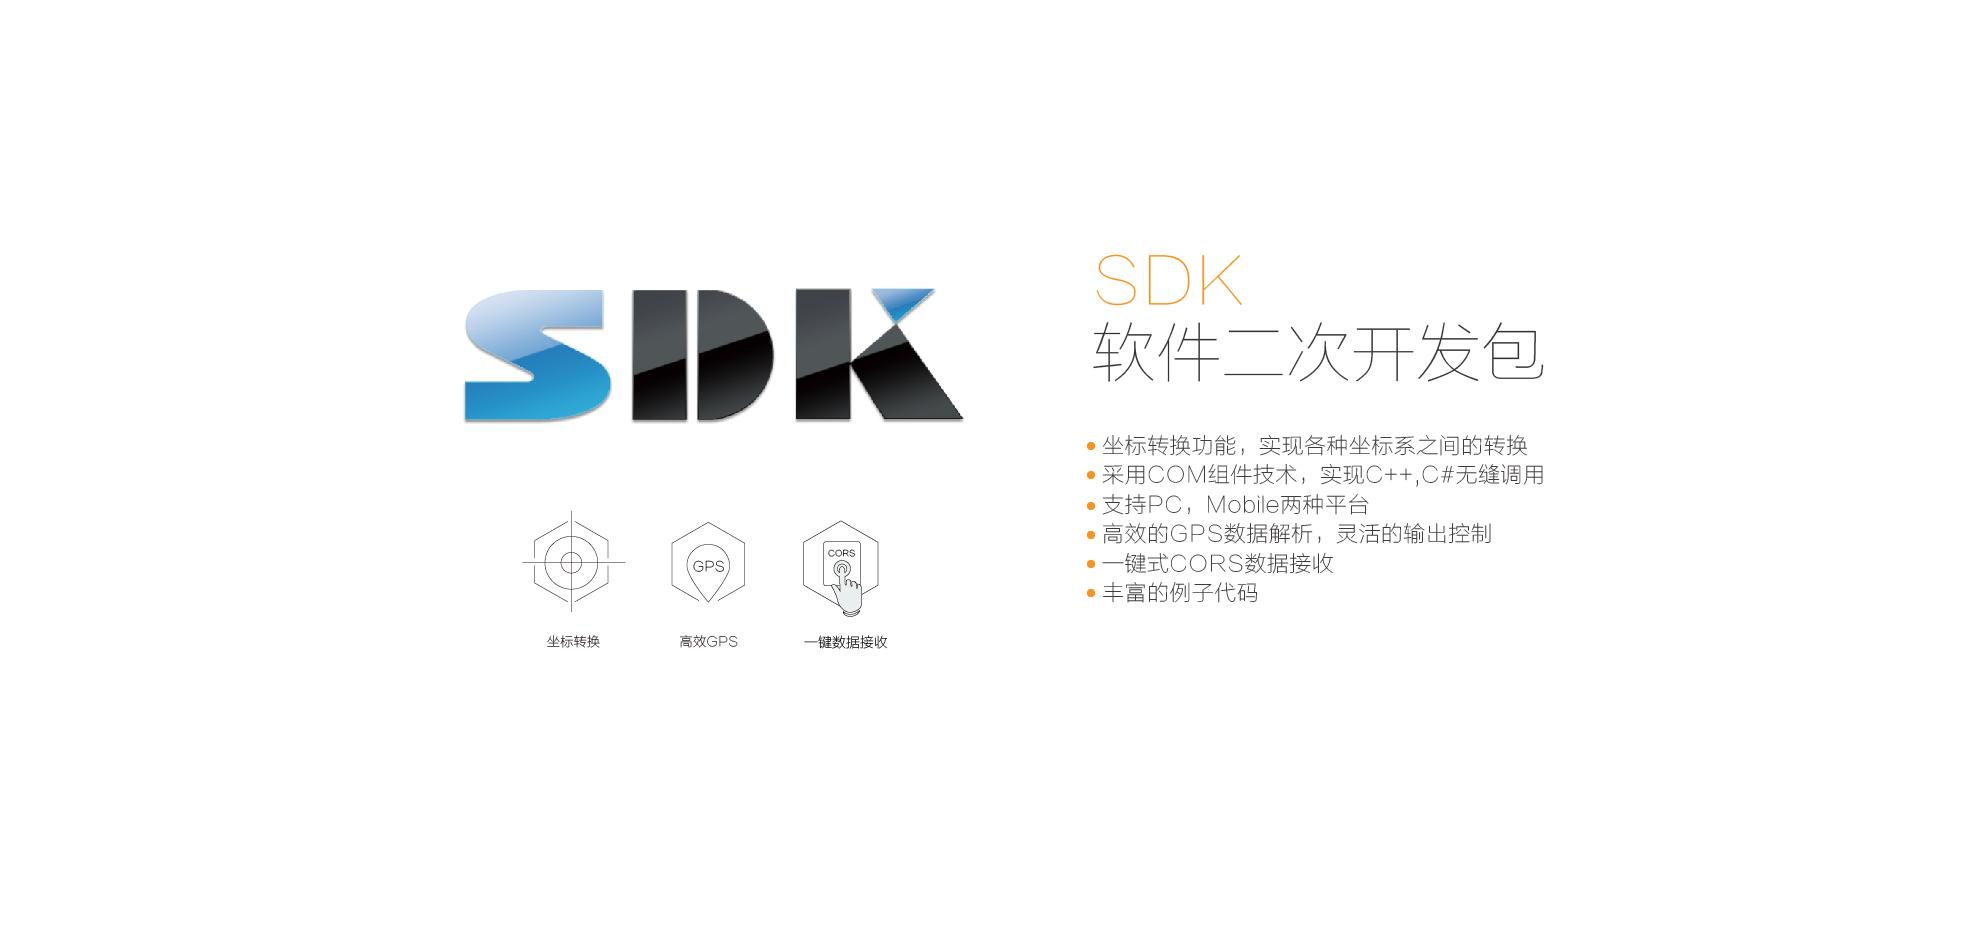 華測導航,GIS軟件系統,GIS移動終端SDK軟件二次開發包,GIS移動終端軟件開發,高效GPS,一鍵數據接收,坐标轉換